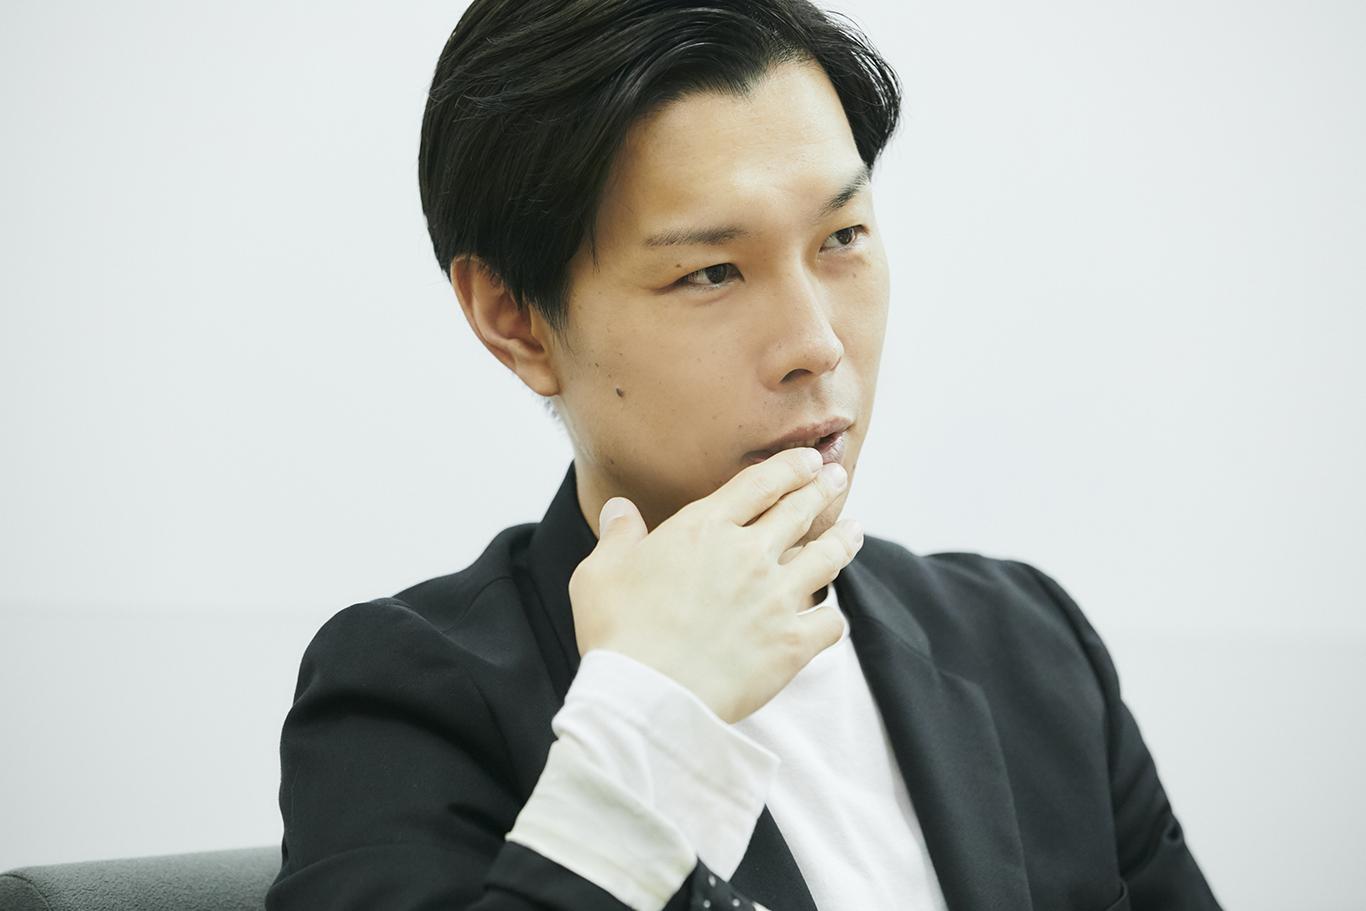 インタビュー】ハライチ岩井勇気の人生を変えたアニメ「好きだから好き ...